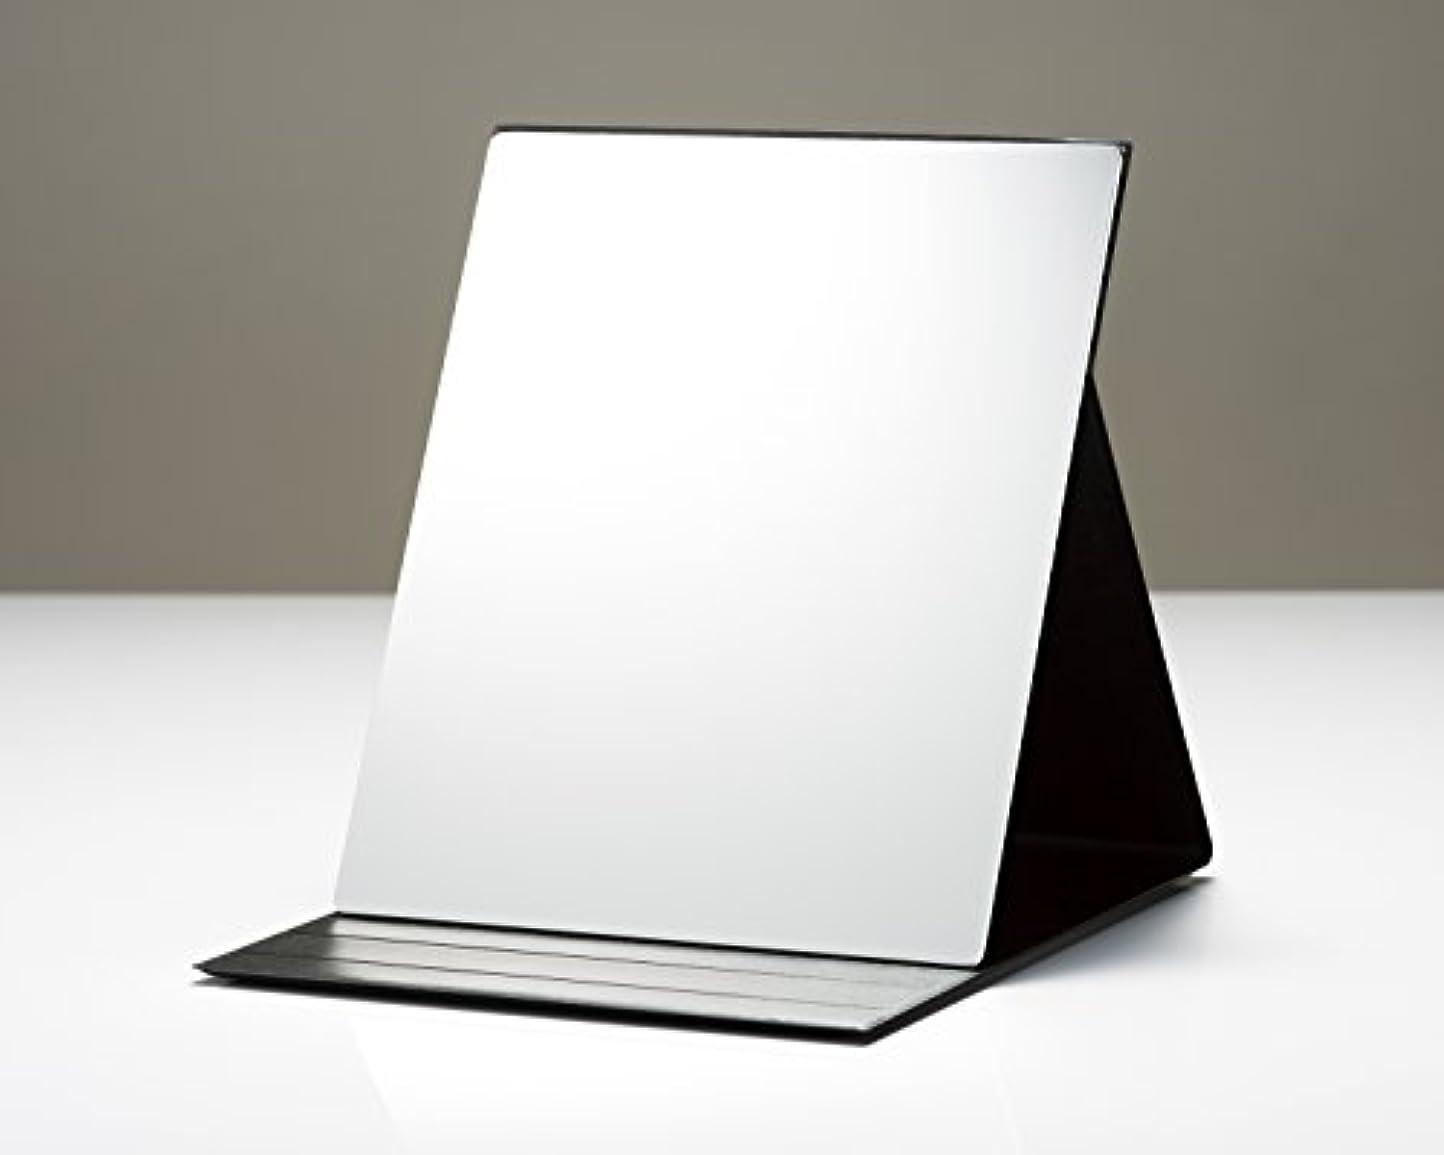 対象ショッキング正確な割れないミラー いきいきミラー折立(3L)